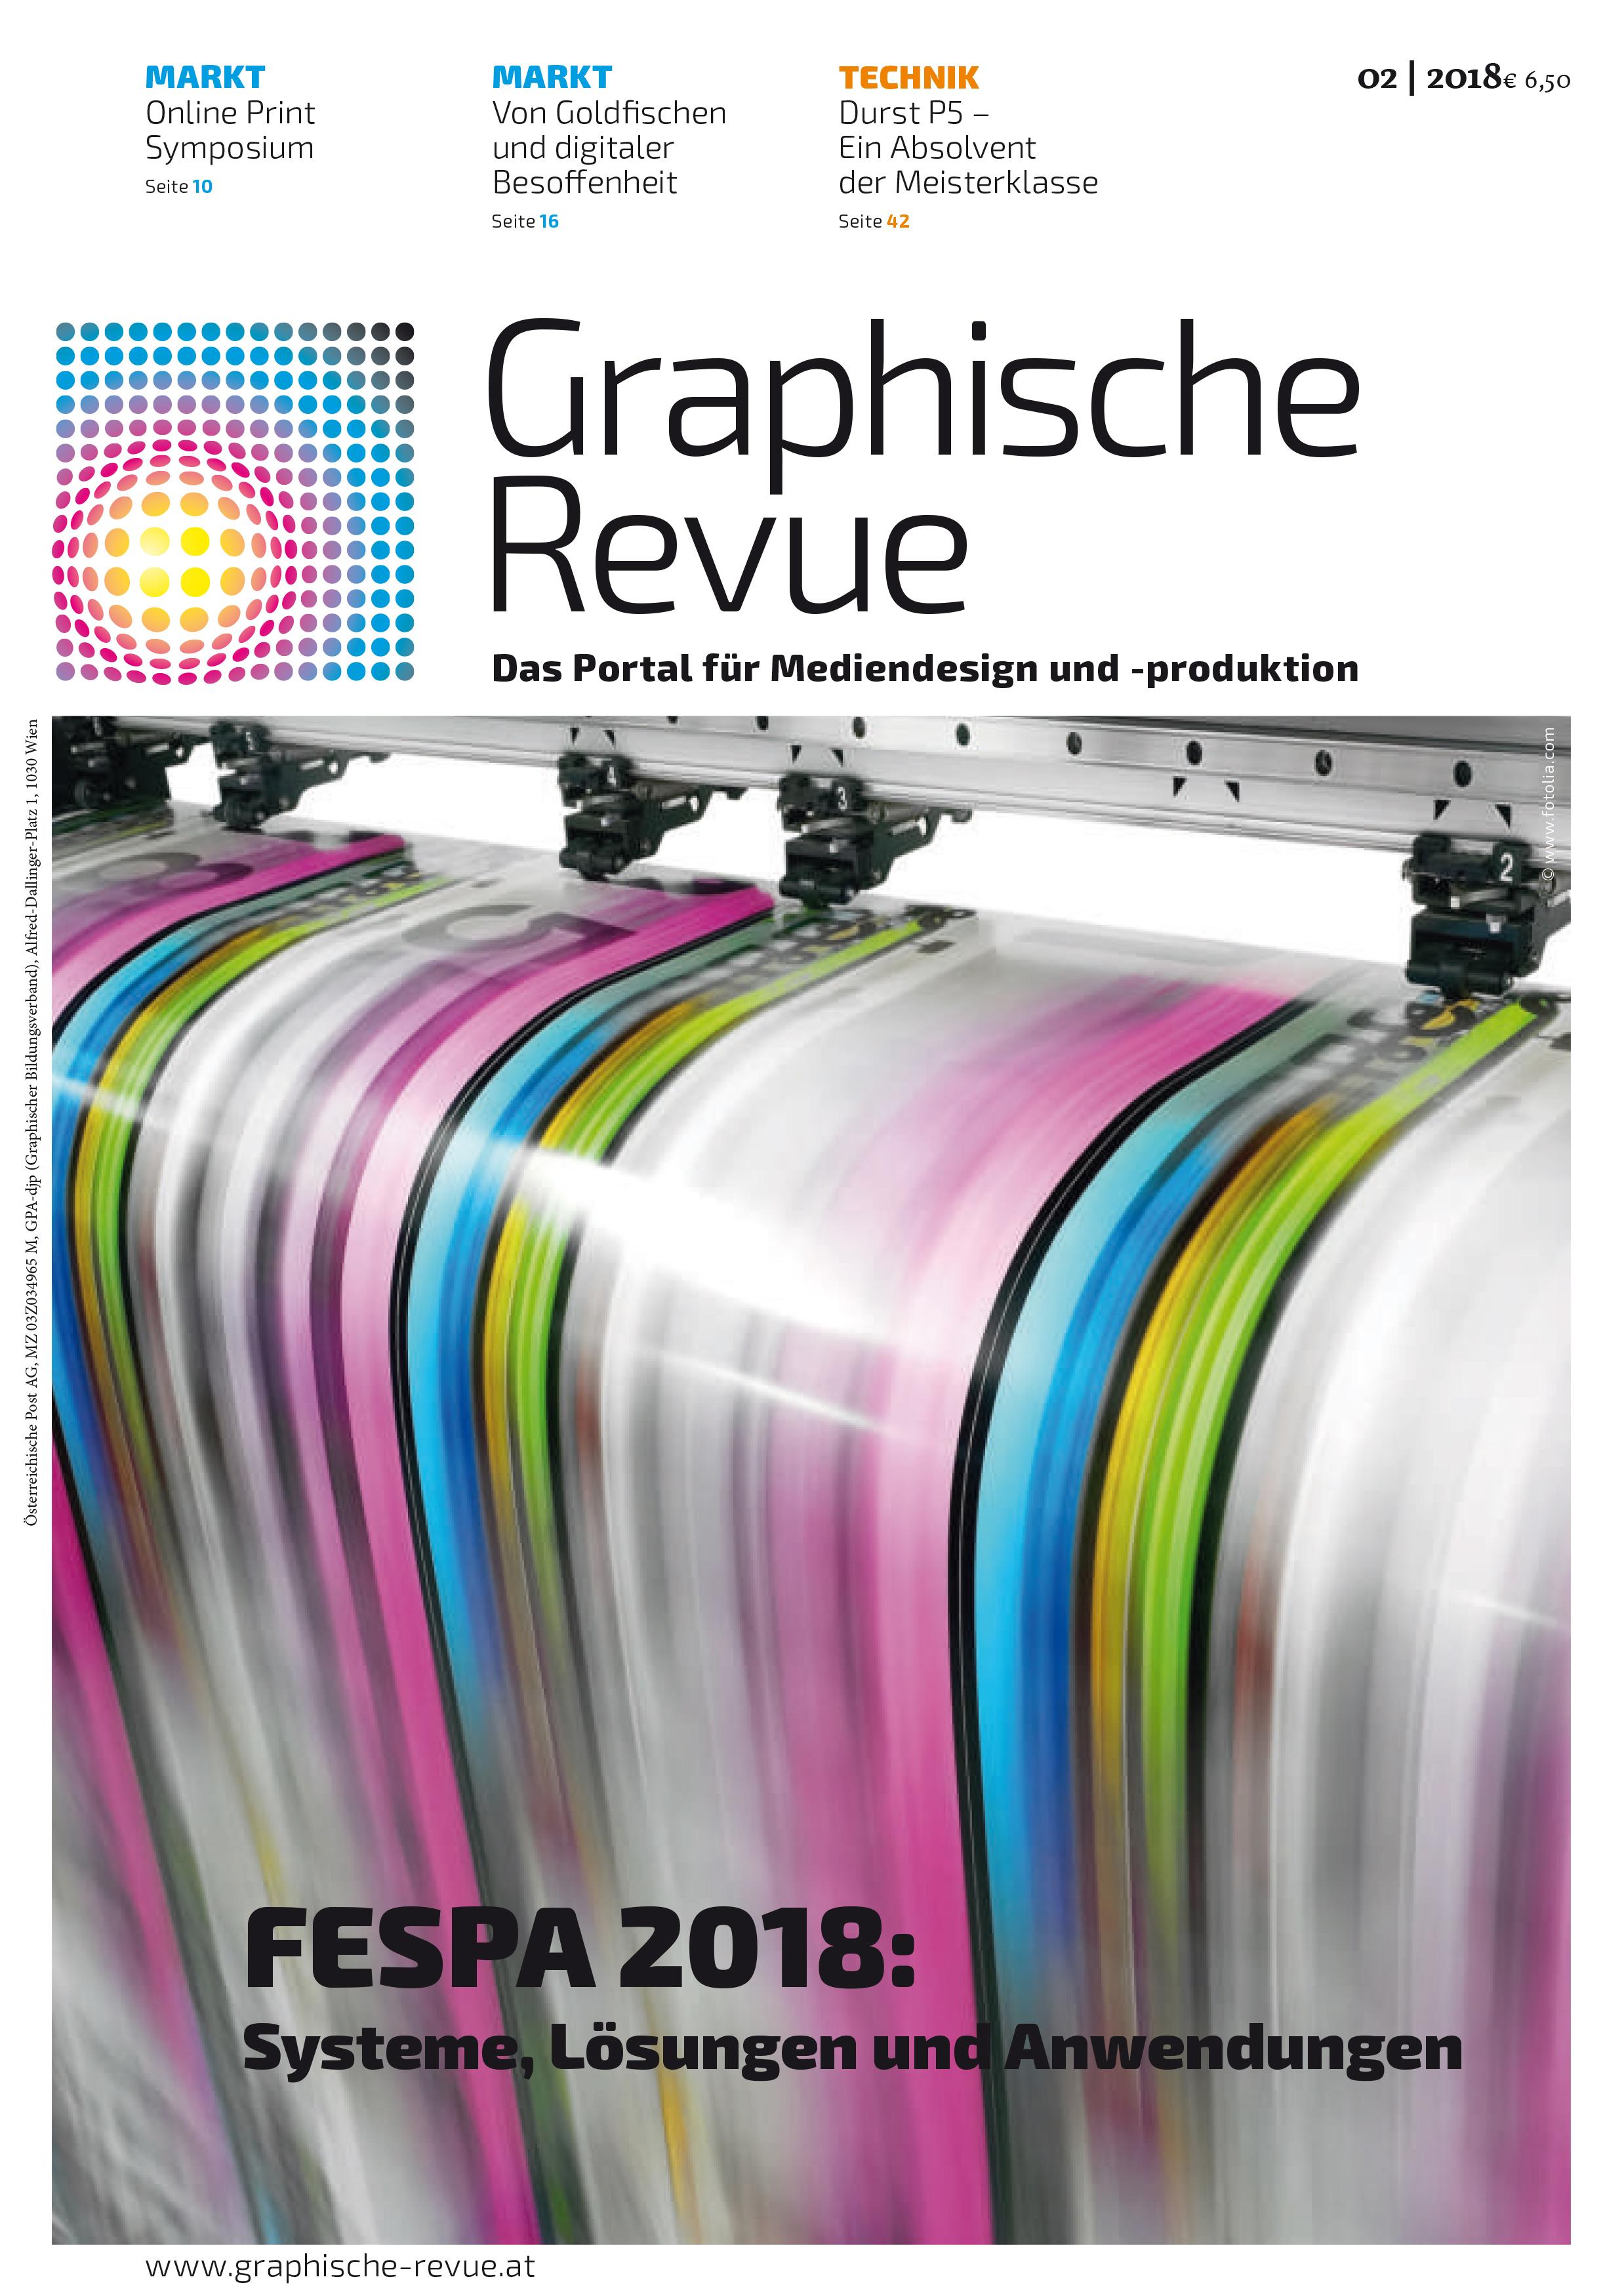 Graphische Revue 02/2018